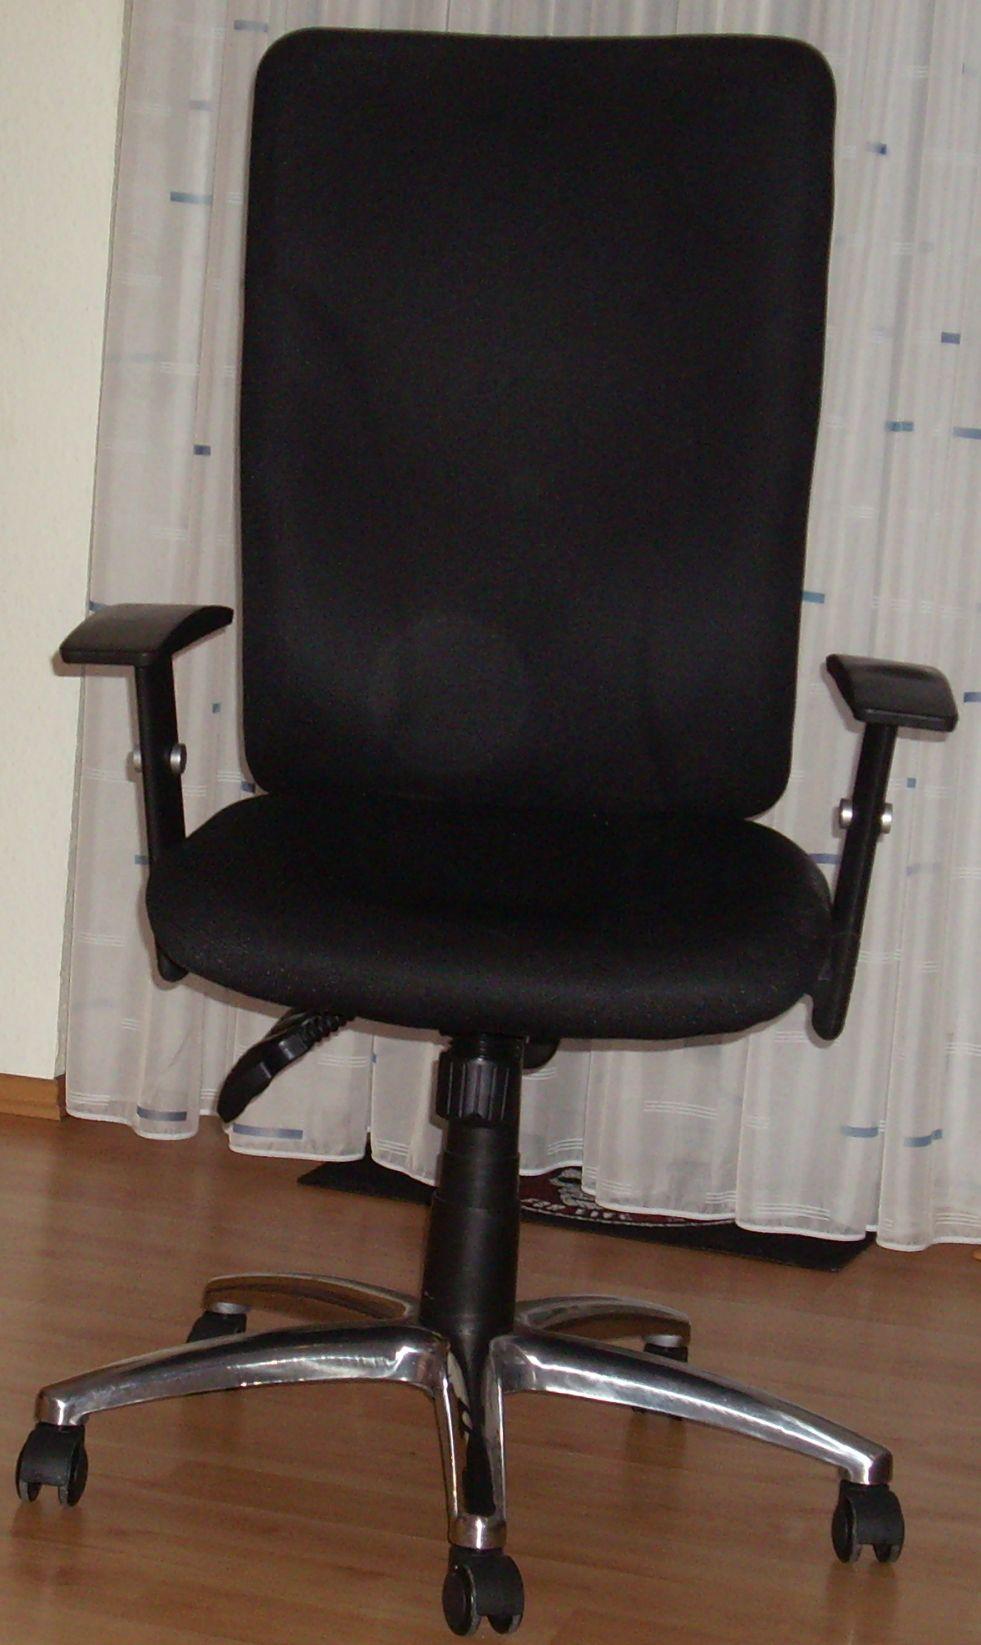 gasdruckfeder f r lidl chefsessel ersatzteile stuhl. Black Bedroom Furniture Sets. Home Design Ideas